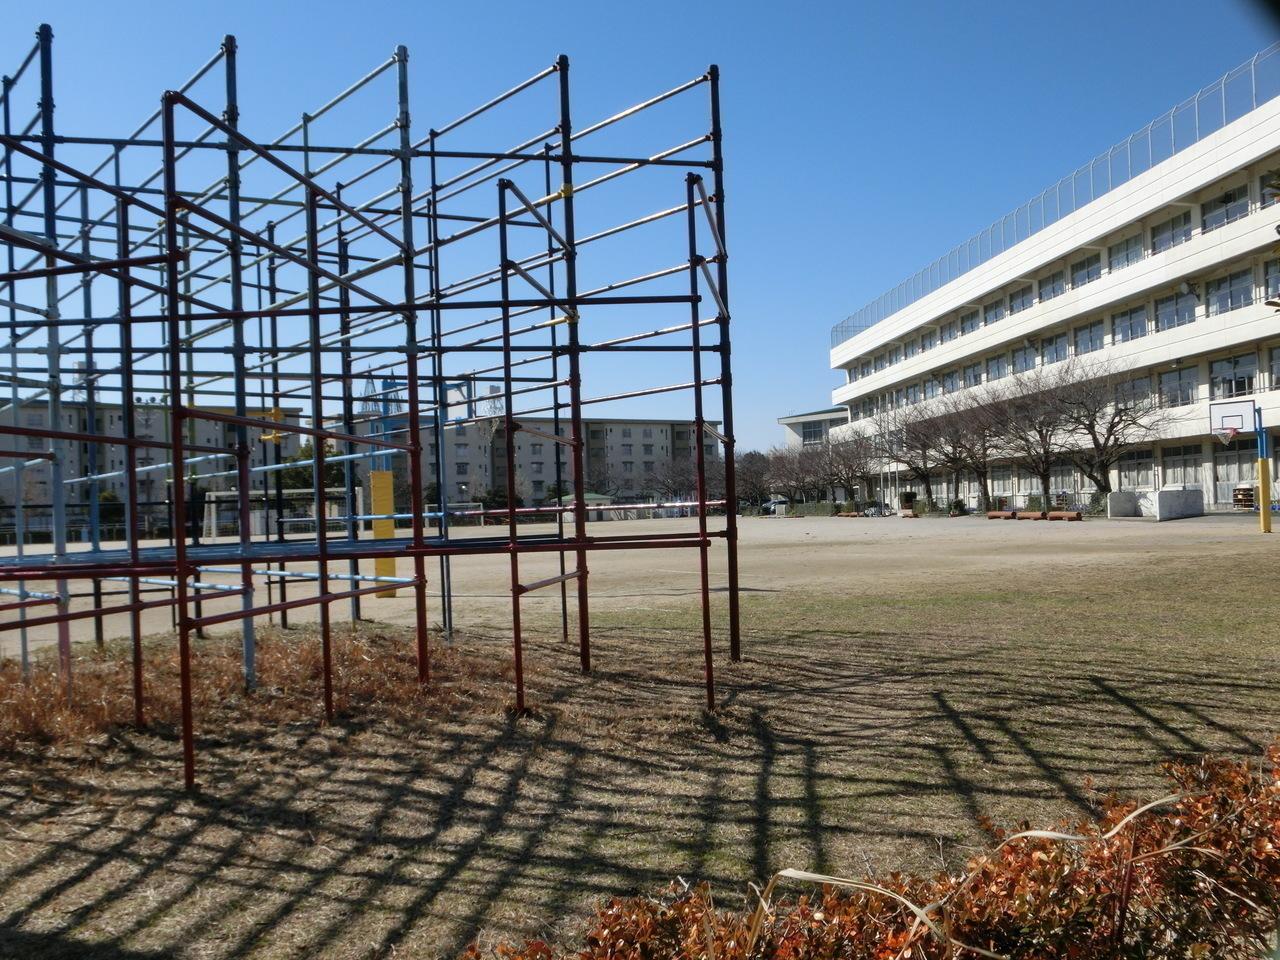 【小学校】豊橋市立中野小学校まで徒歩8分(633m)